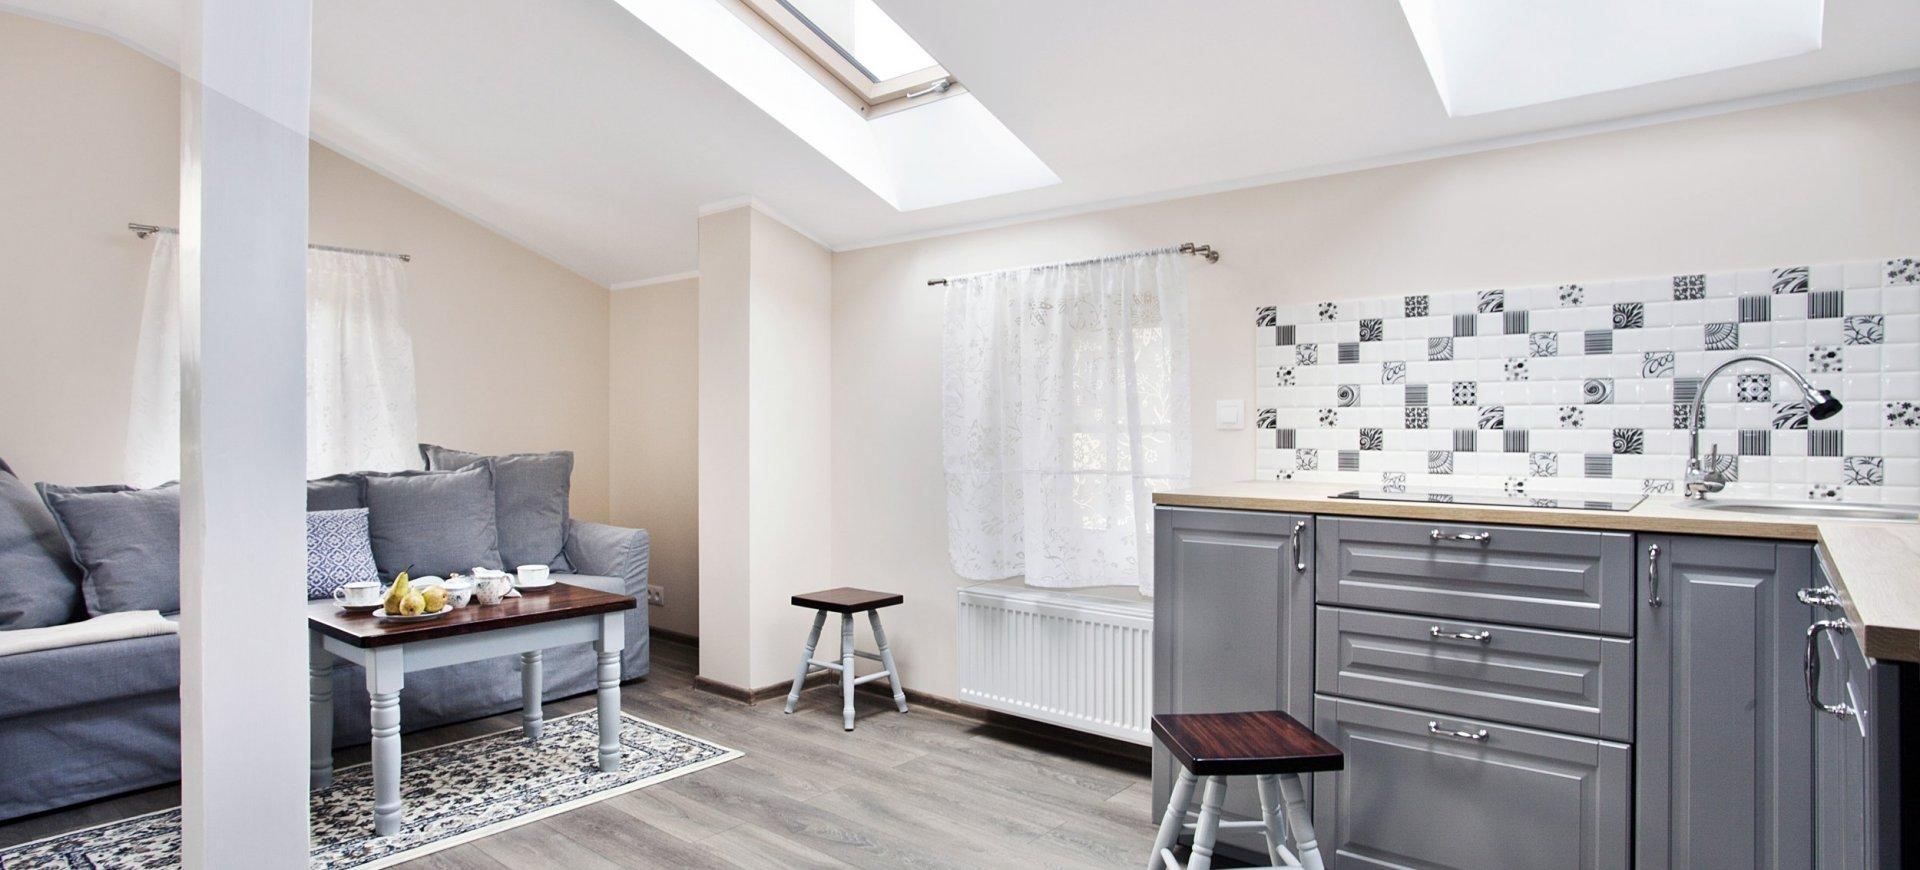 Apartament Vintage 1E